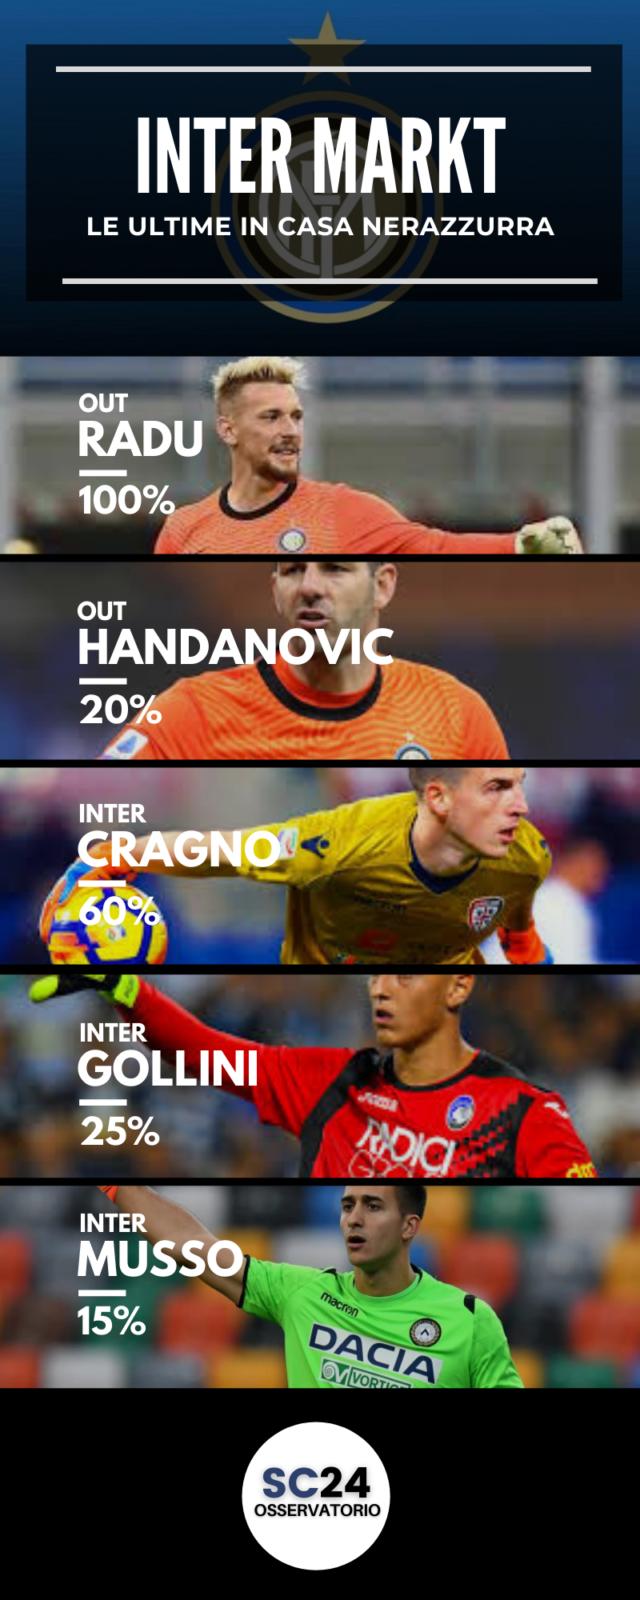 Handanovic: futuro all' Inter incerto